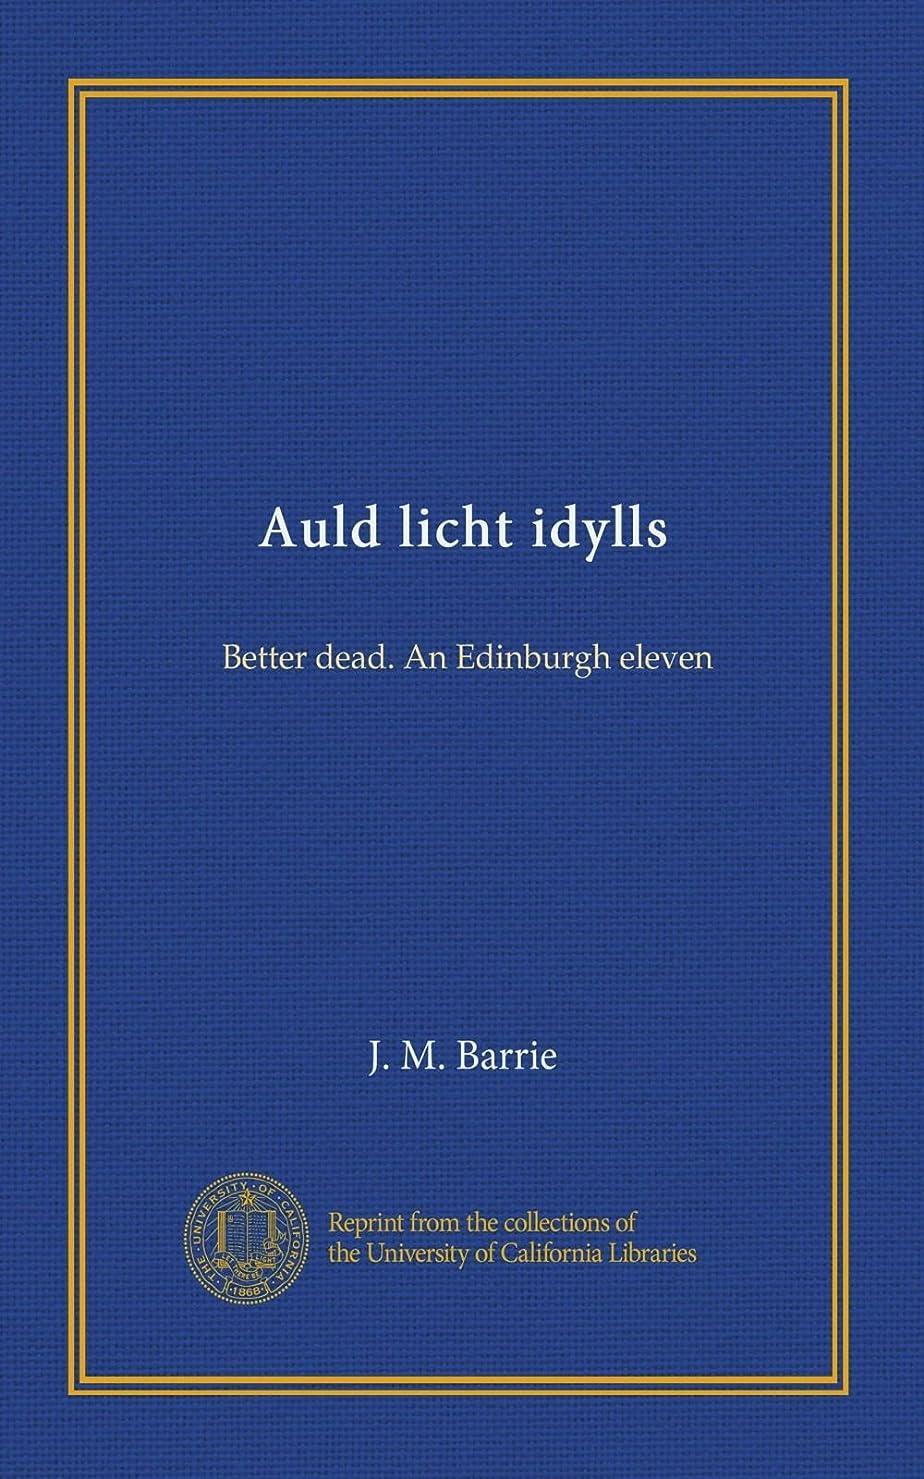 必要ない予想外簡単にAuld licht idylls: Better dead. An Edinburgh eleven